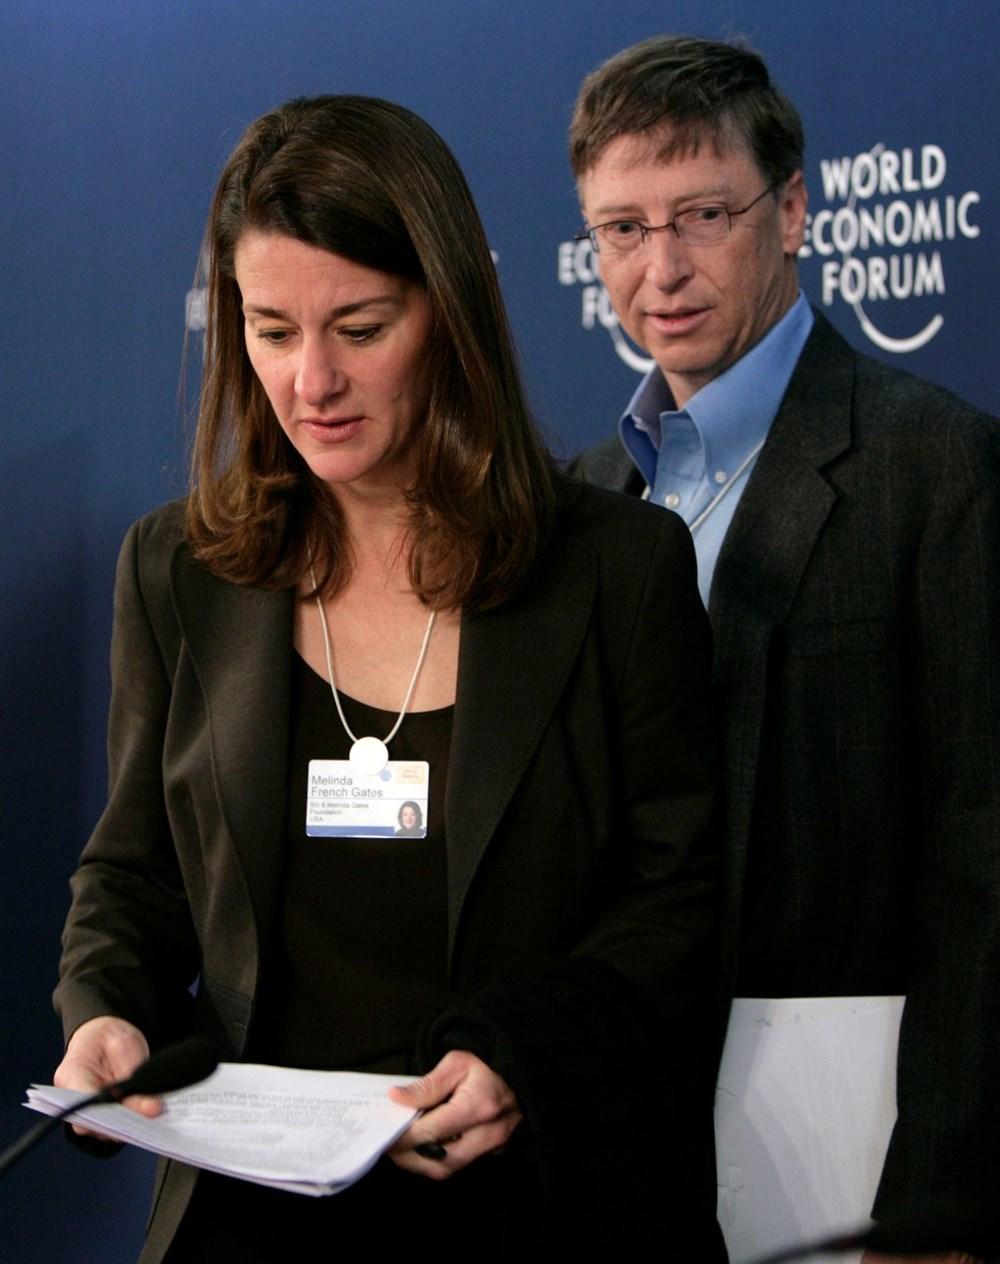 Bill Gates ve Melinda Gates boşanmanın ardından servetlerini nasıl bölüşecek? Gates'in ne kadar zengin olduğunu gösteren akıllara durgunluk veren 11 gerçek - 8